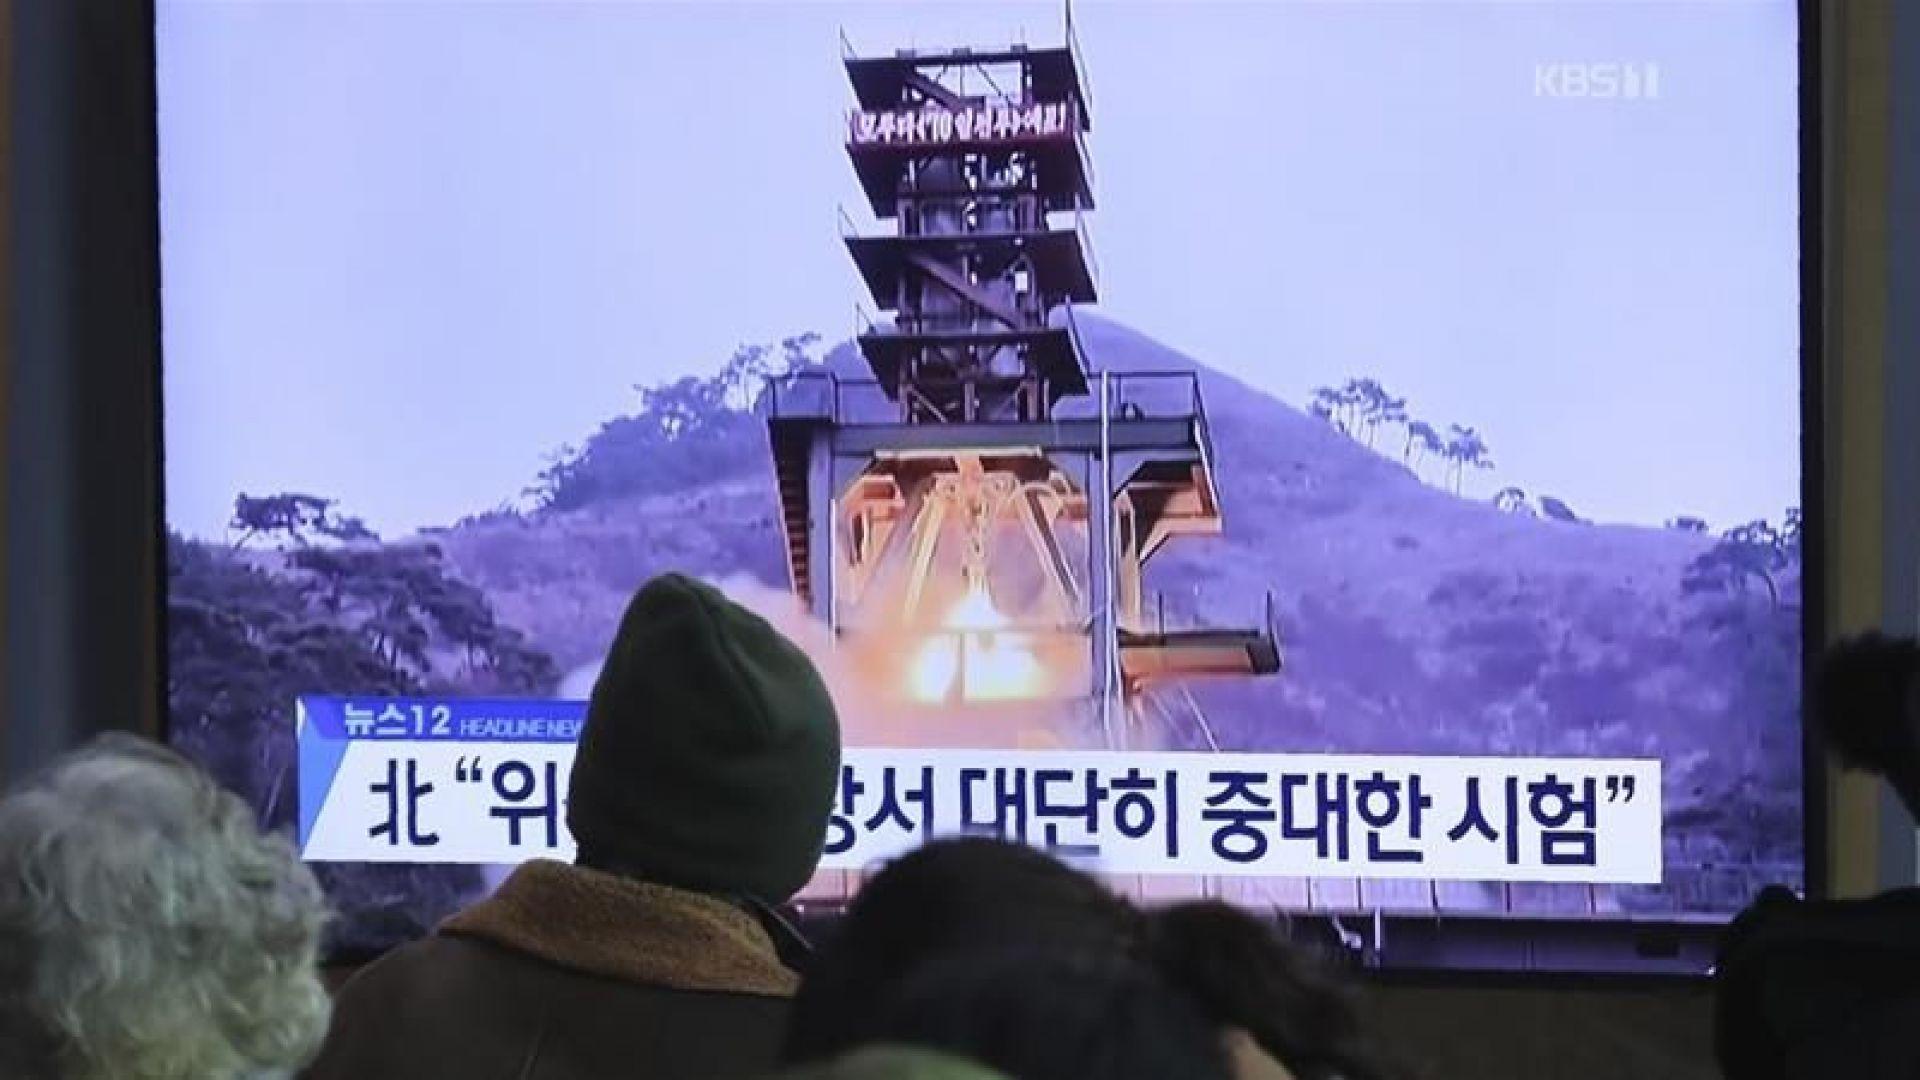 Северна Корея обяви, че е извършила нов тест на полигона